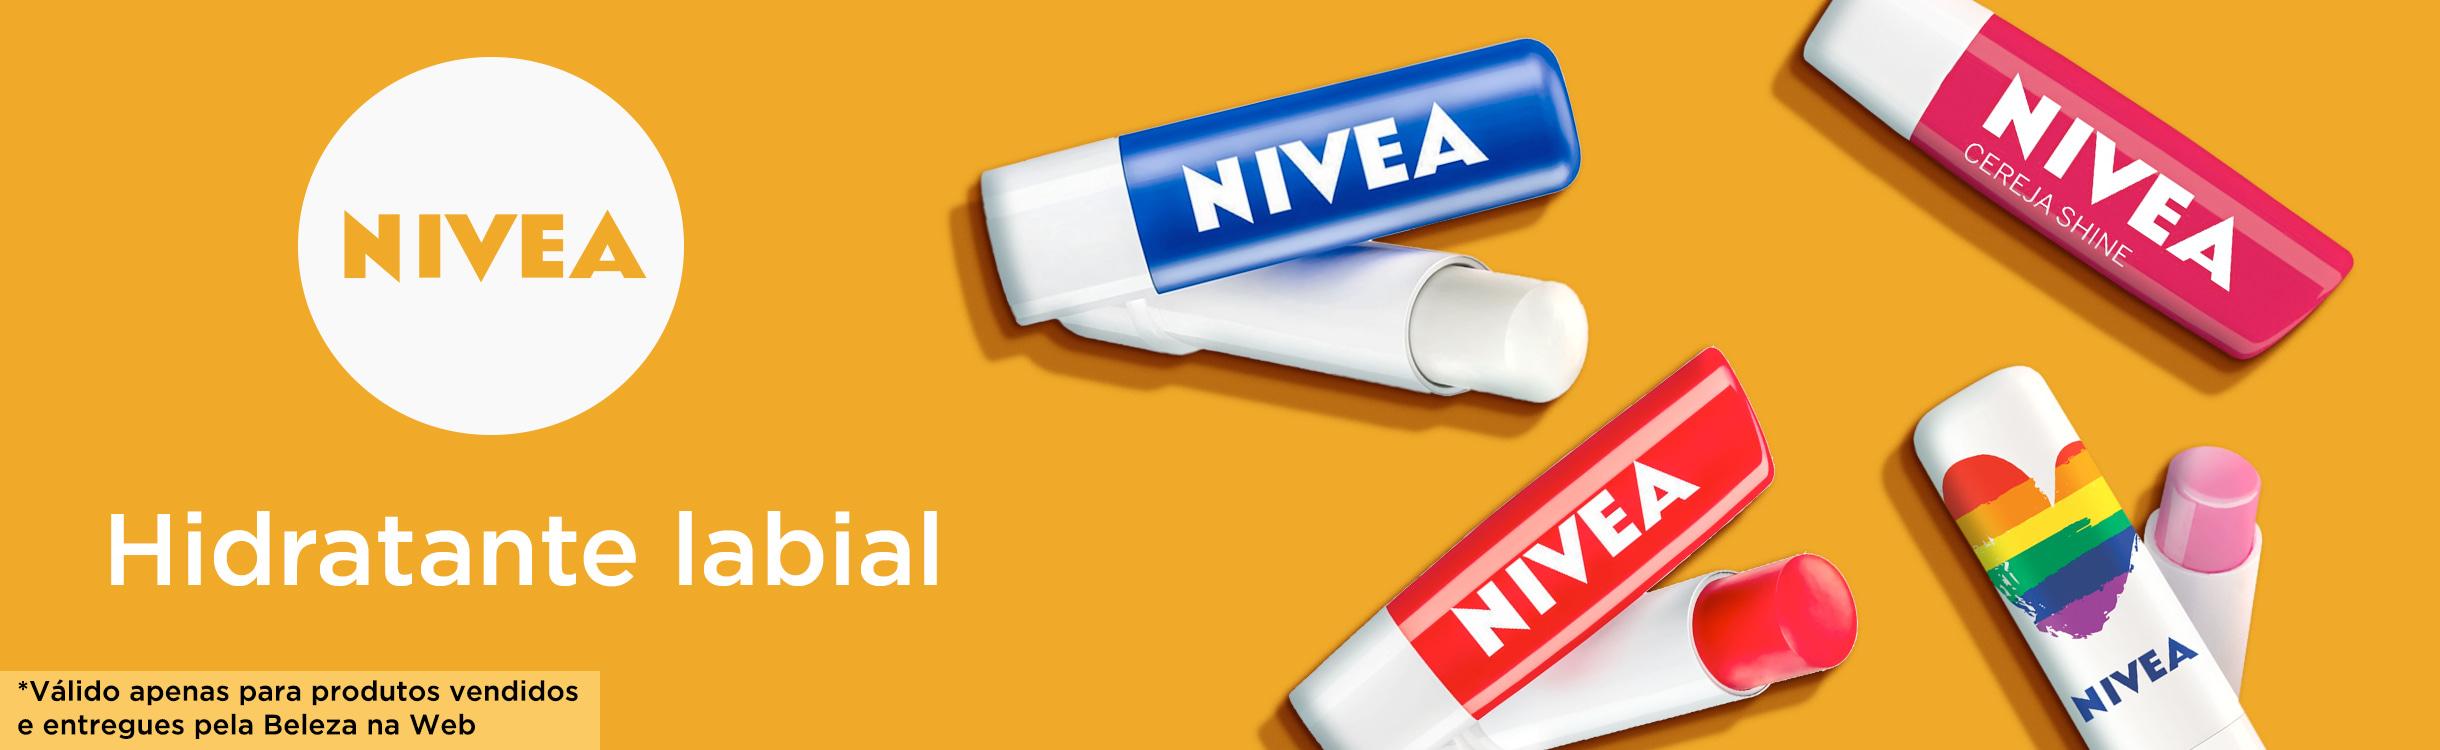 Nivea | Hidratante Labial